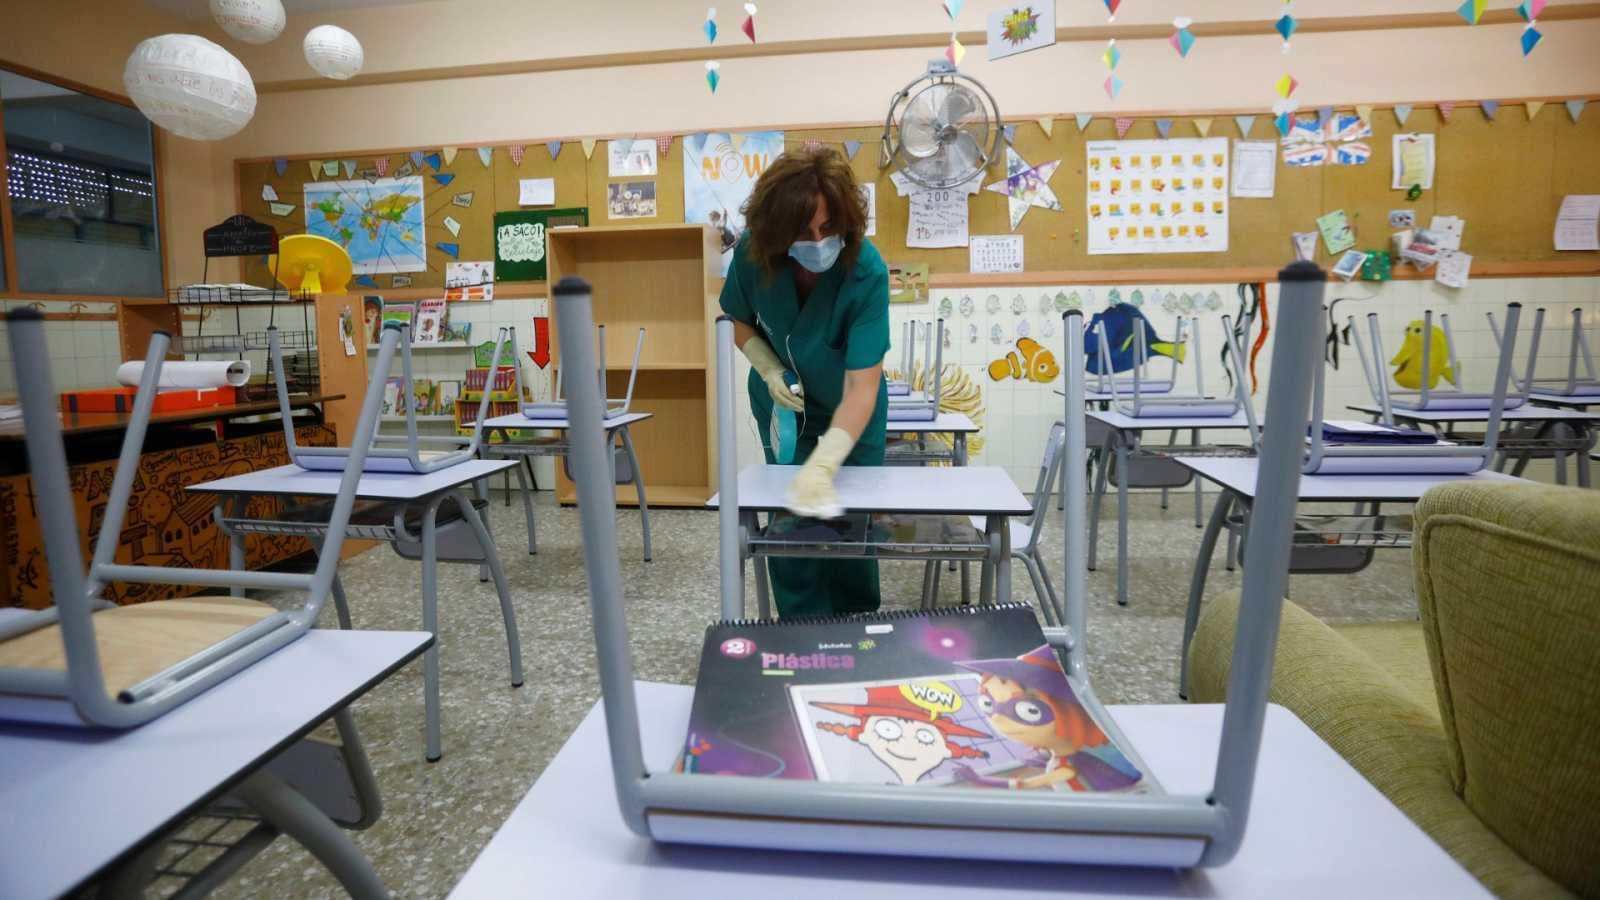 Todos los alumnos regresarán a las aulas en septiembre, en grupos de 20 y con menos distancia de seguridad